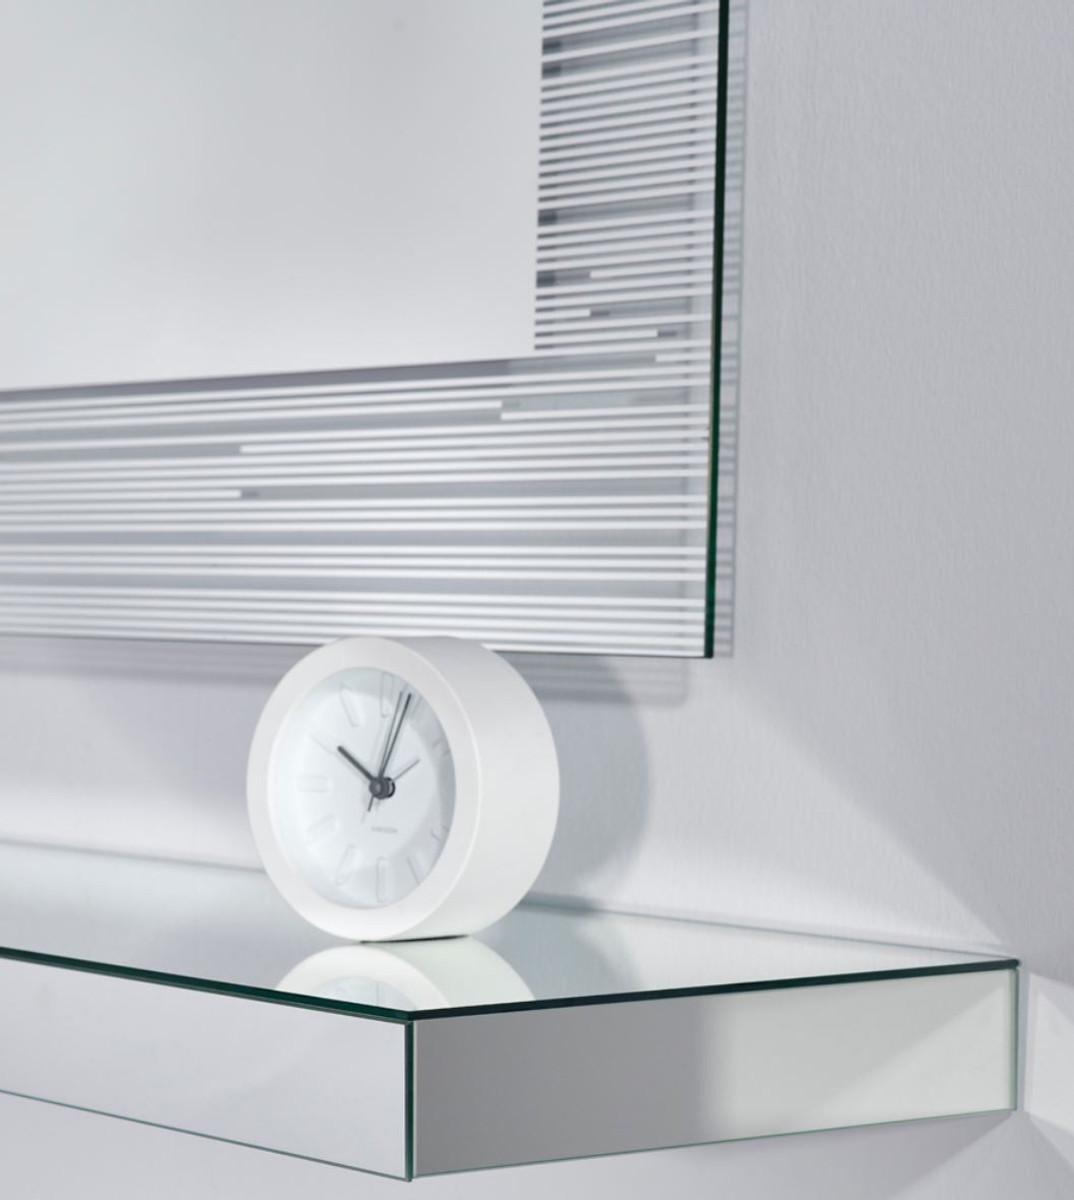 casa padrino luxus hotel spiegel wandspiegel 80 x h 110 cm hotel m bel spiegel luxus. Black Bedroom Furniture Sets. Home Design Ideas